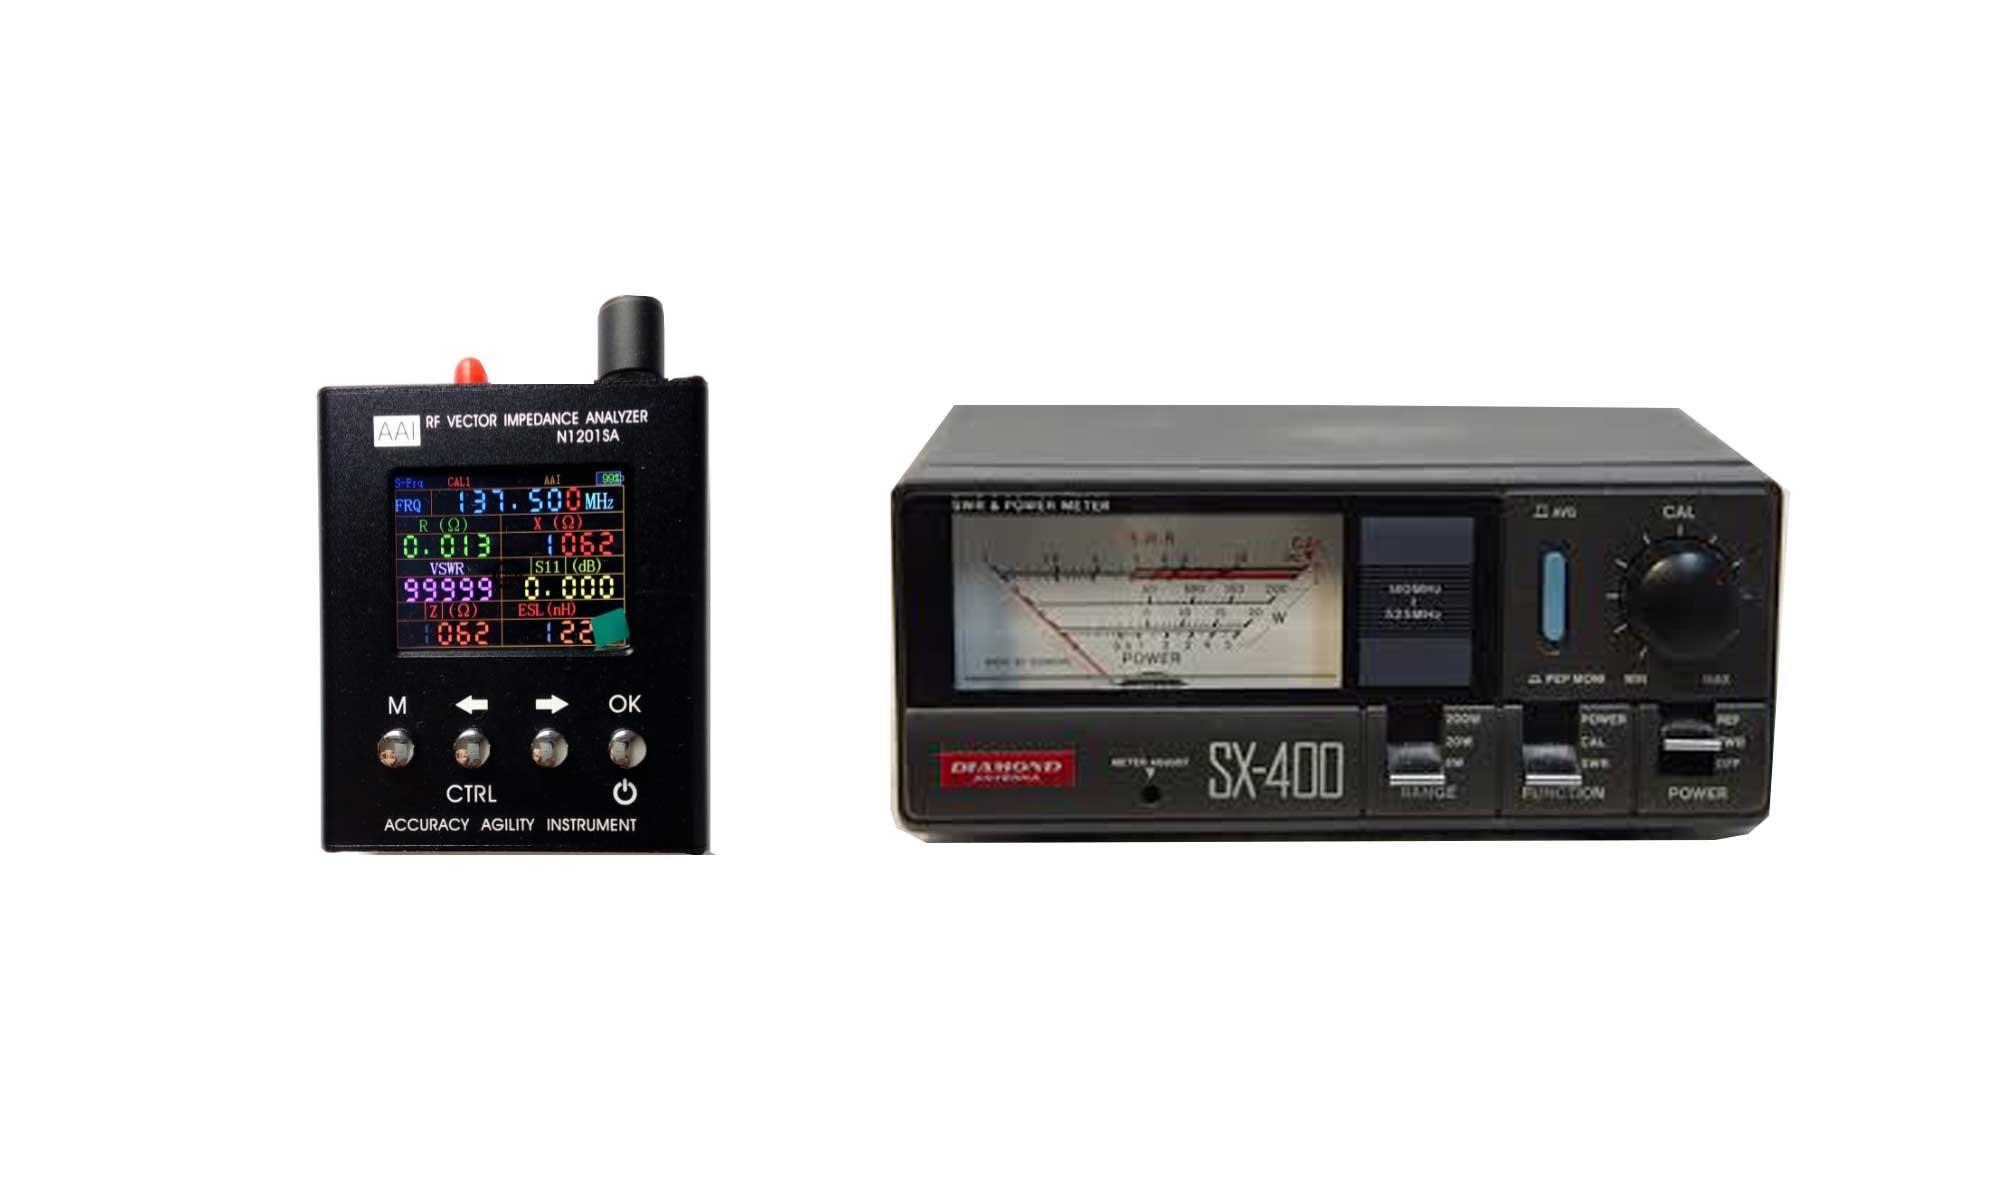 SX400 vs N1201SA